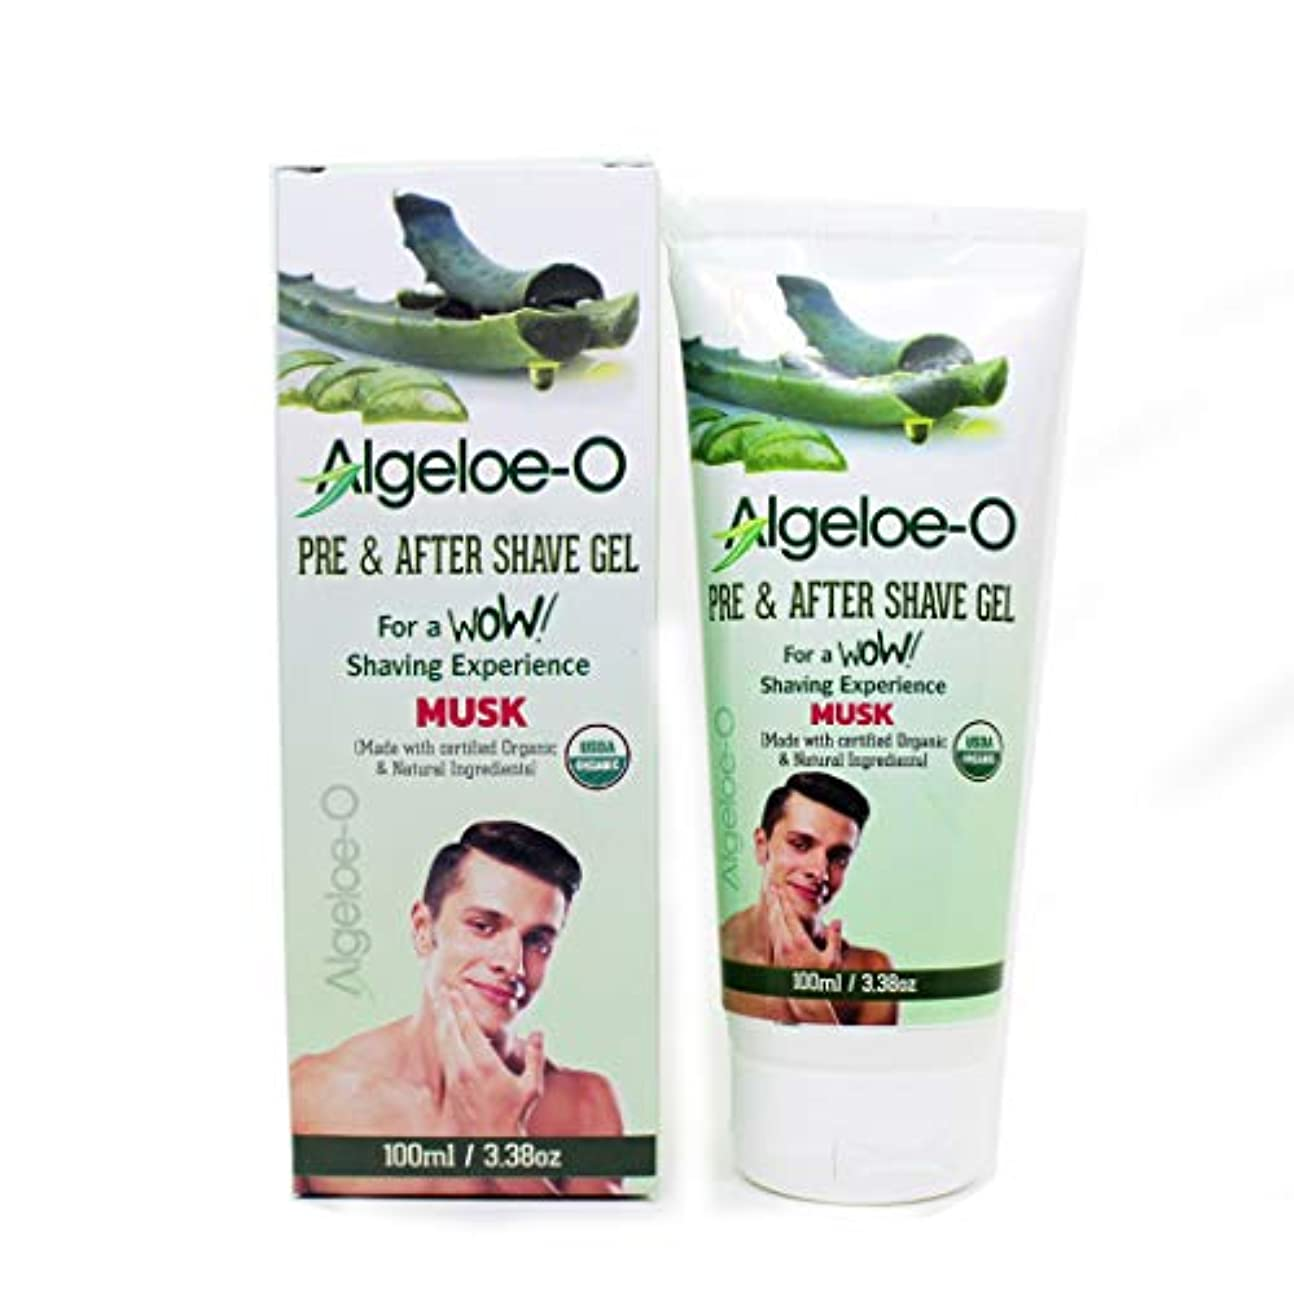 後世アナリスト有毒なAloevera Pre And After Shave Gel - Algeloe O Made With Certified USDA Organic And Natural Ingredients - Musk 100...